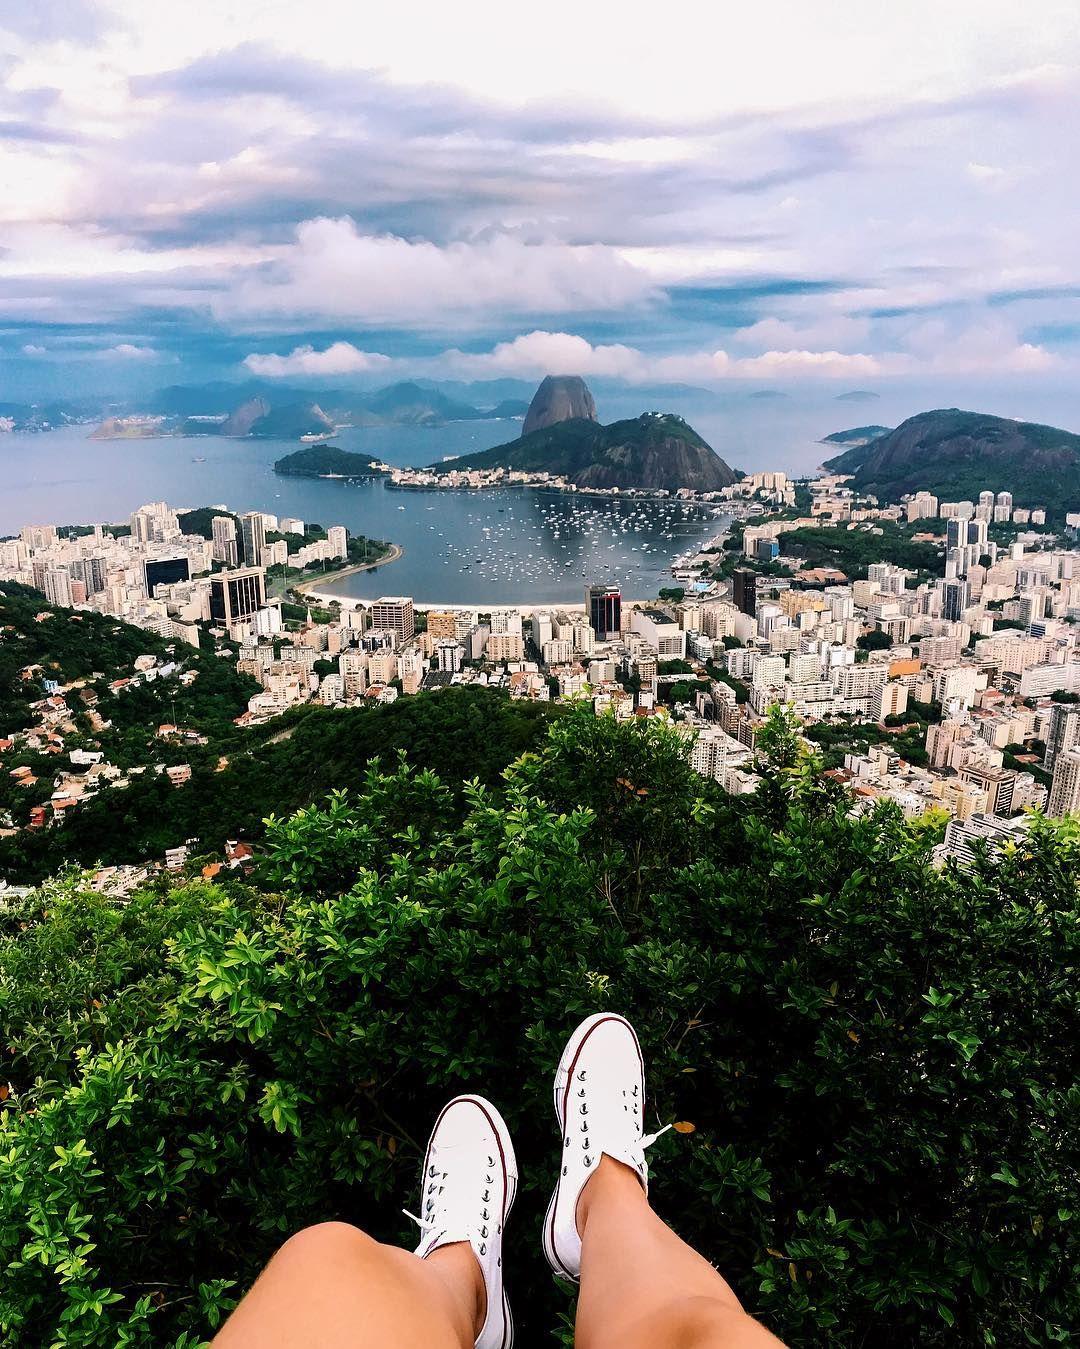 """656 curtidas, 6 comentários - RIO DE JANEIRO #021rjoficial (@021.rj) no Instagram: """"Uma coisa é certa: eu não me canso desse lugar. Certeza que é meu preferido do Rio. Ontem fui lá…"""""""